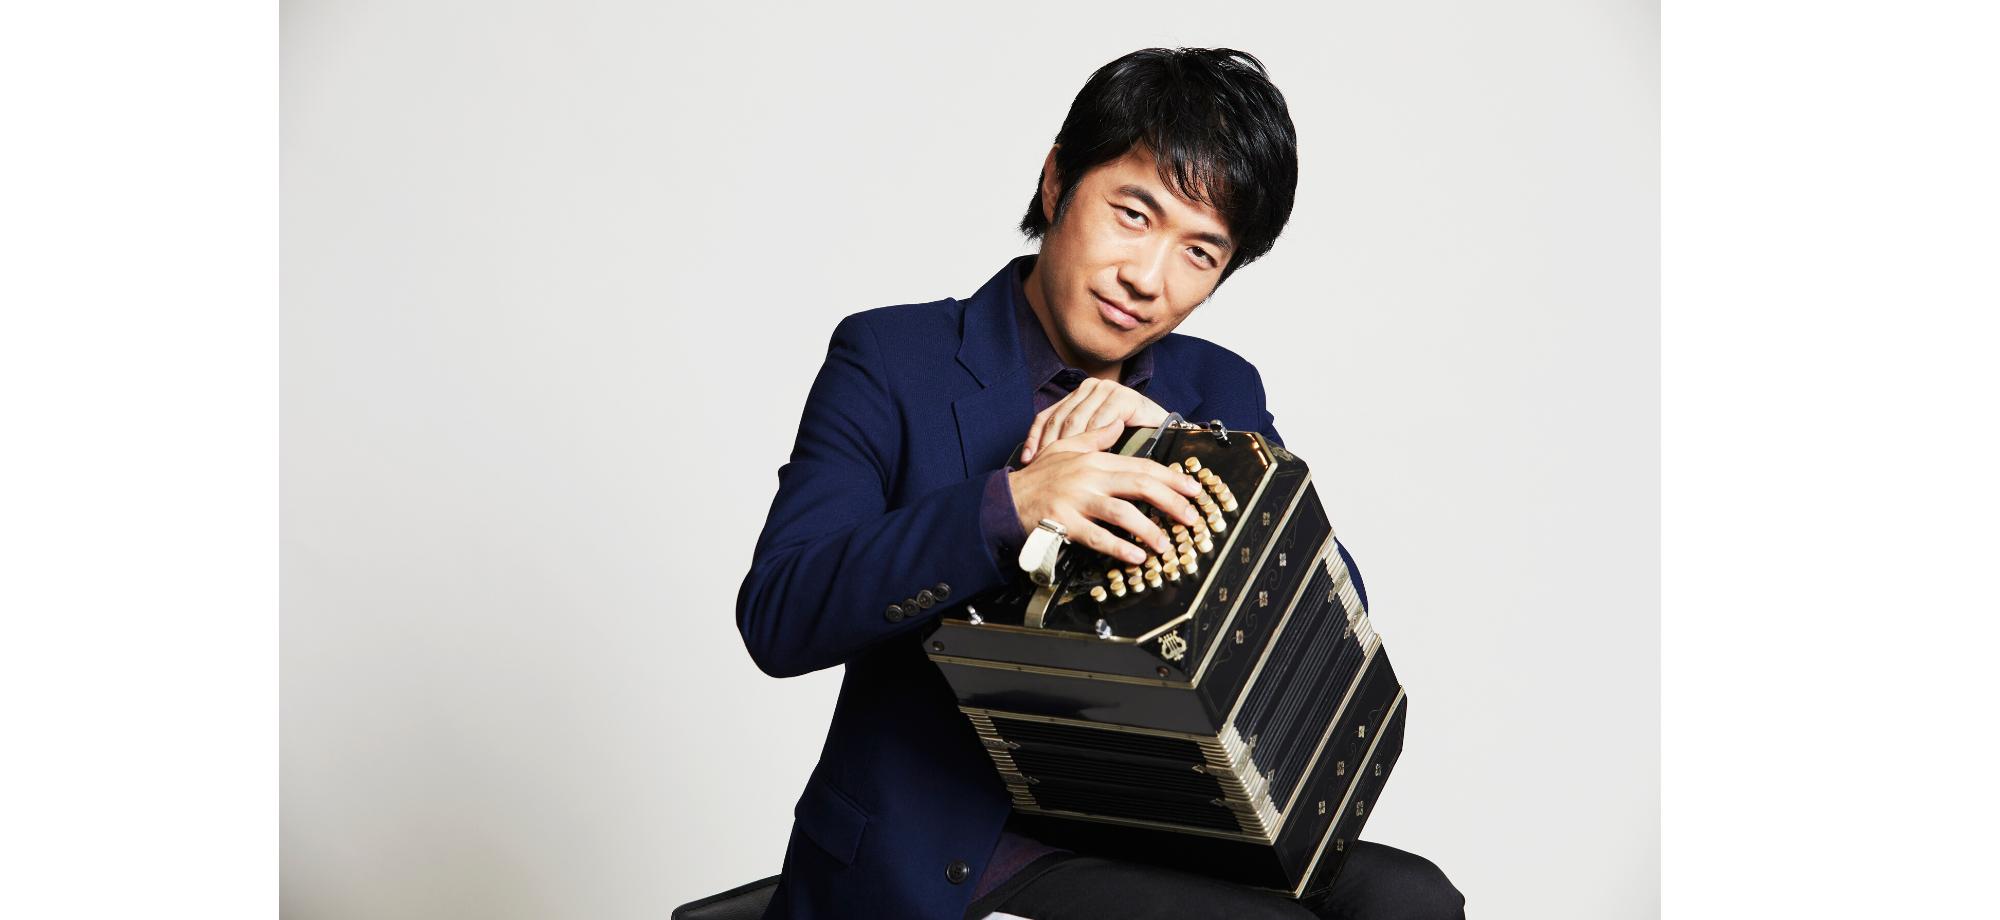 バンドネオン奏者 小松亮太オフィシャルサイト